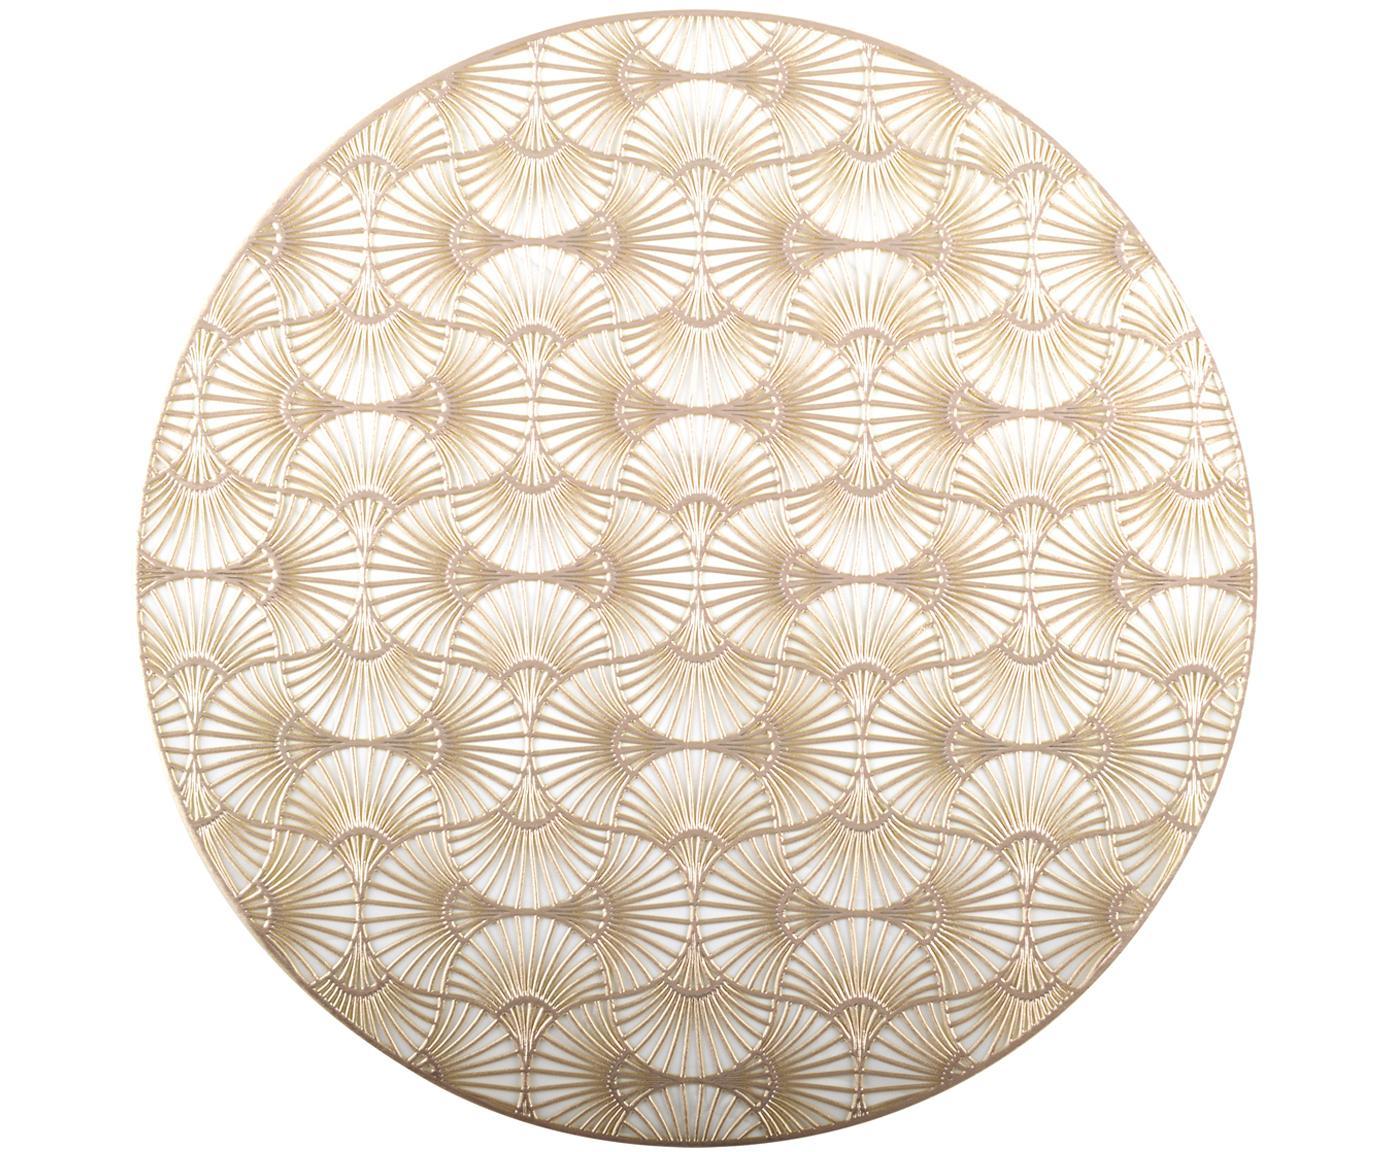 Runde Tischsets Ginkgo in Gold, 2 Stück, Kunststoff, Goldfarben, Ø 38 cm